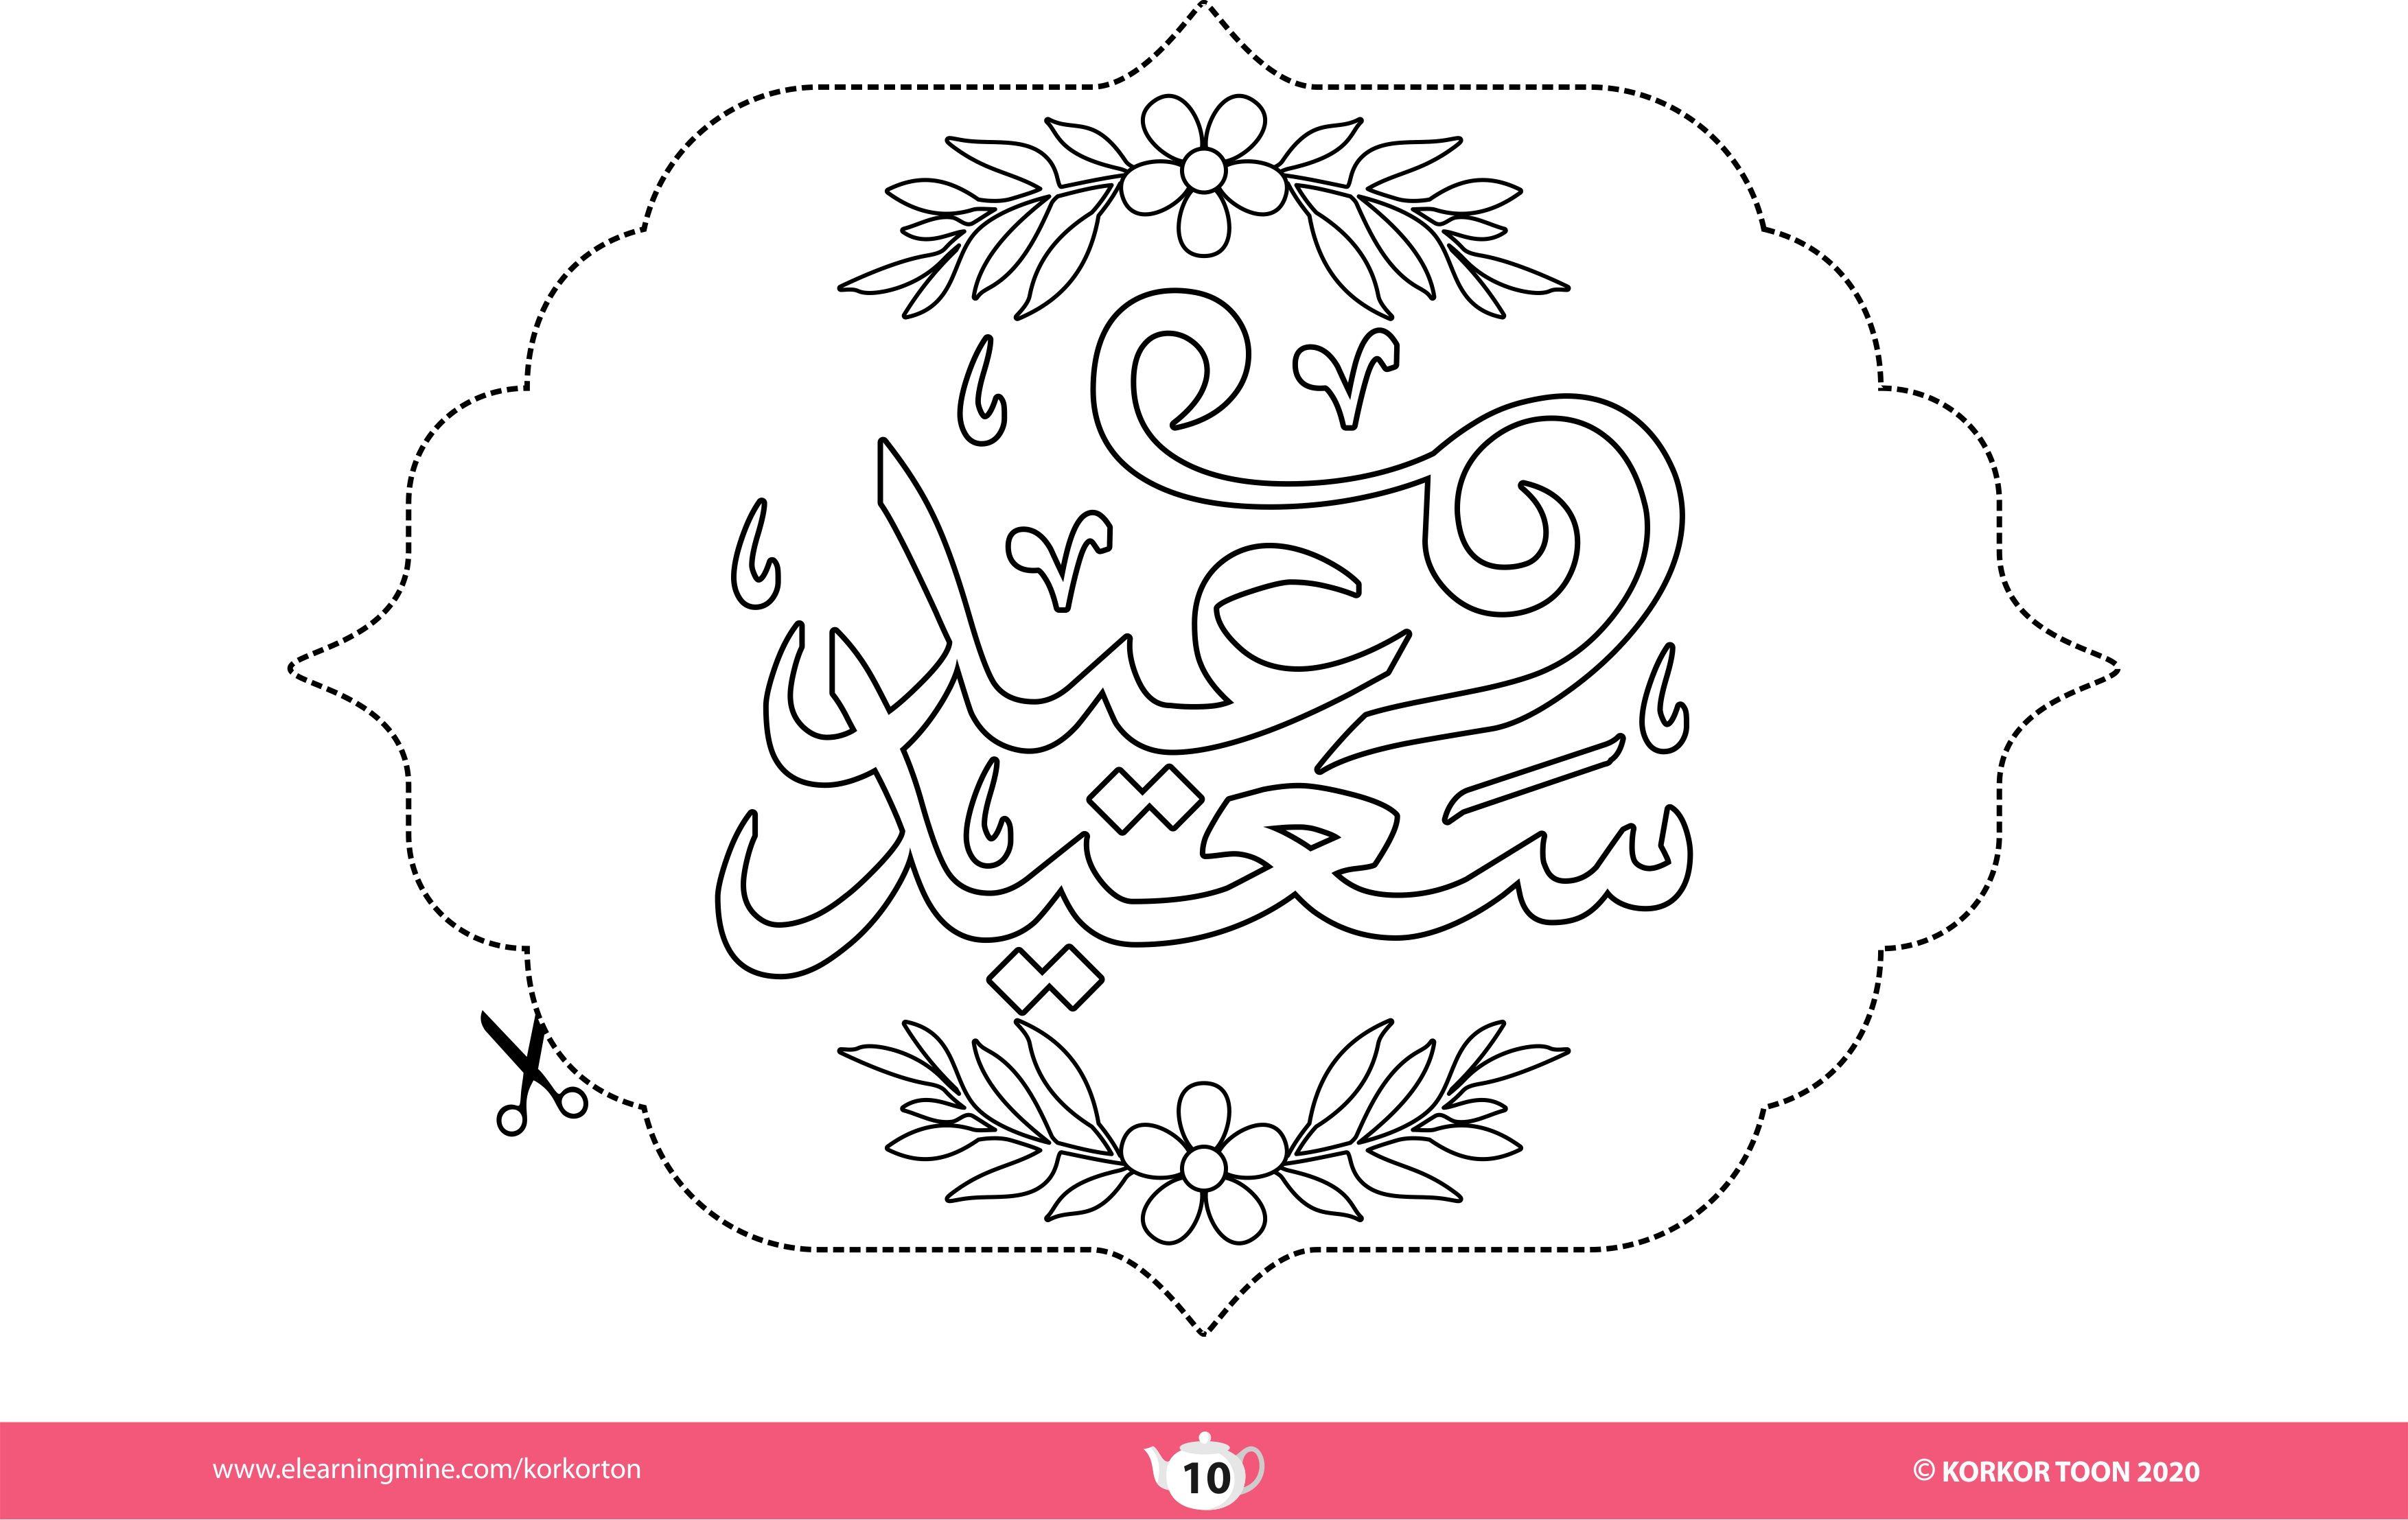 Printable Eid Decoration زينة العيد للطباعة Eid Decoration Decor Art